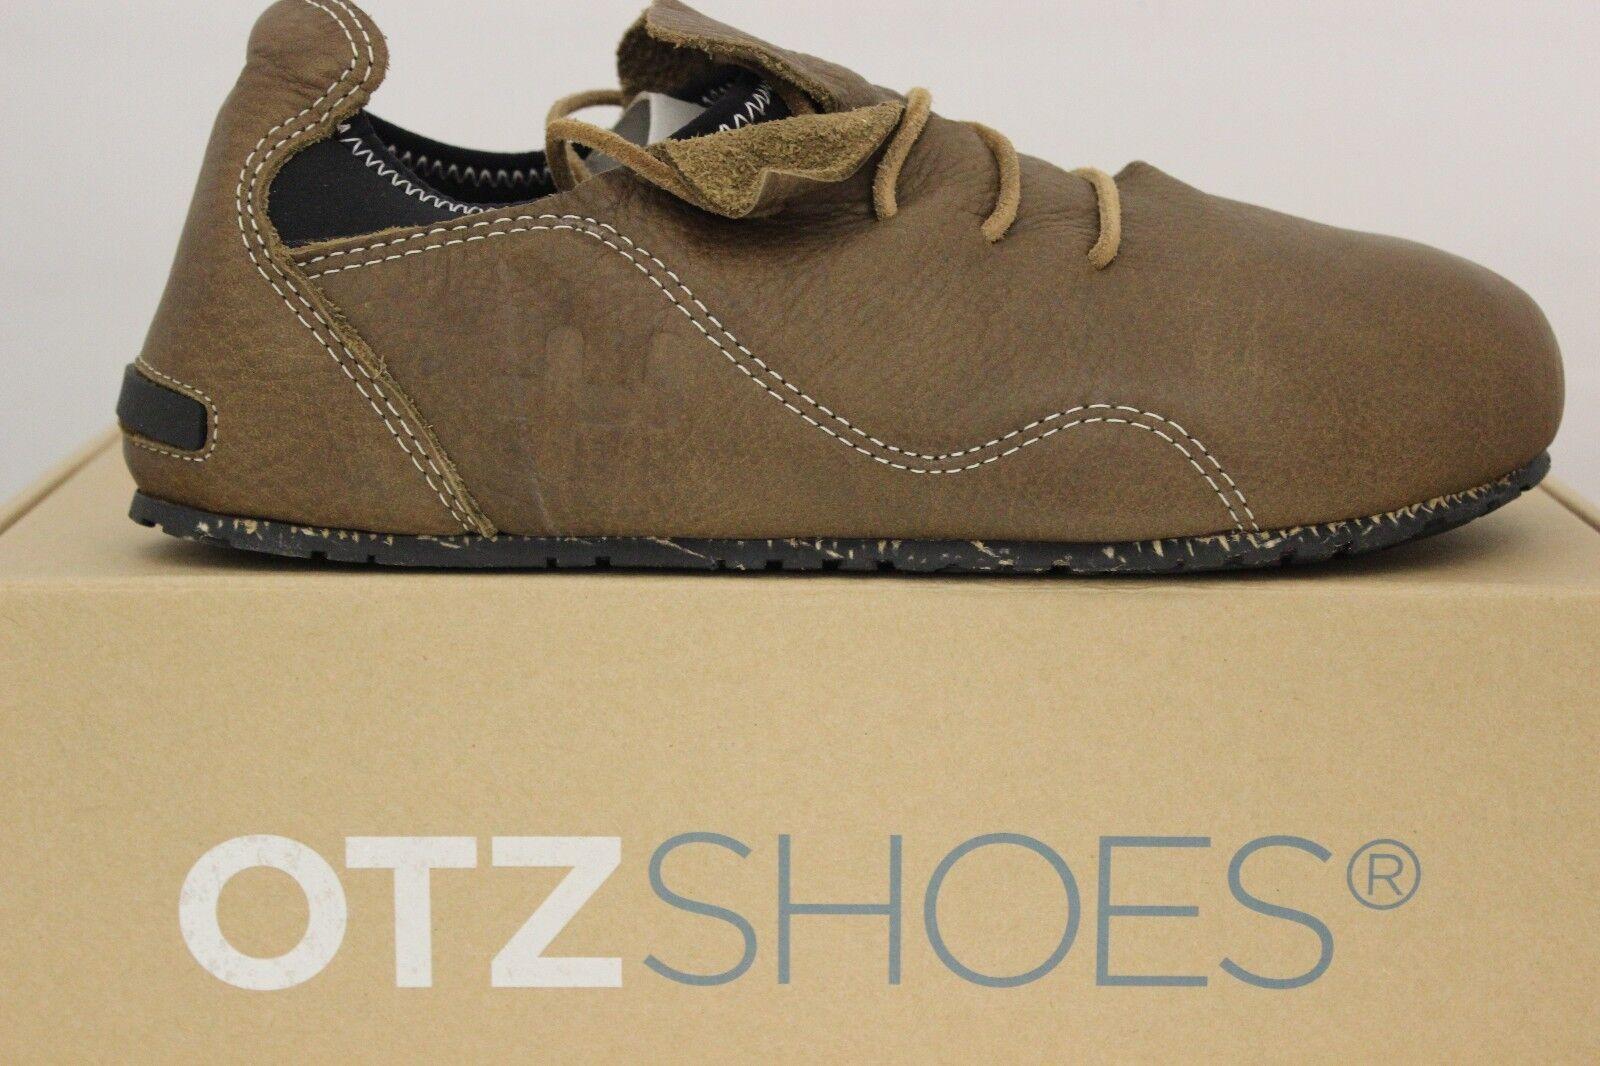 Hombre Otz Superslick Zapatos de Cuero Chocolate Negro 4101-Chobk Nuevo en Caja